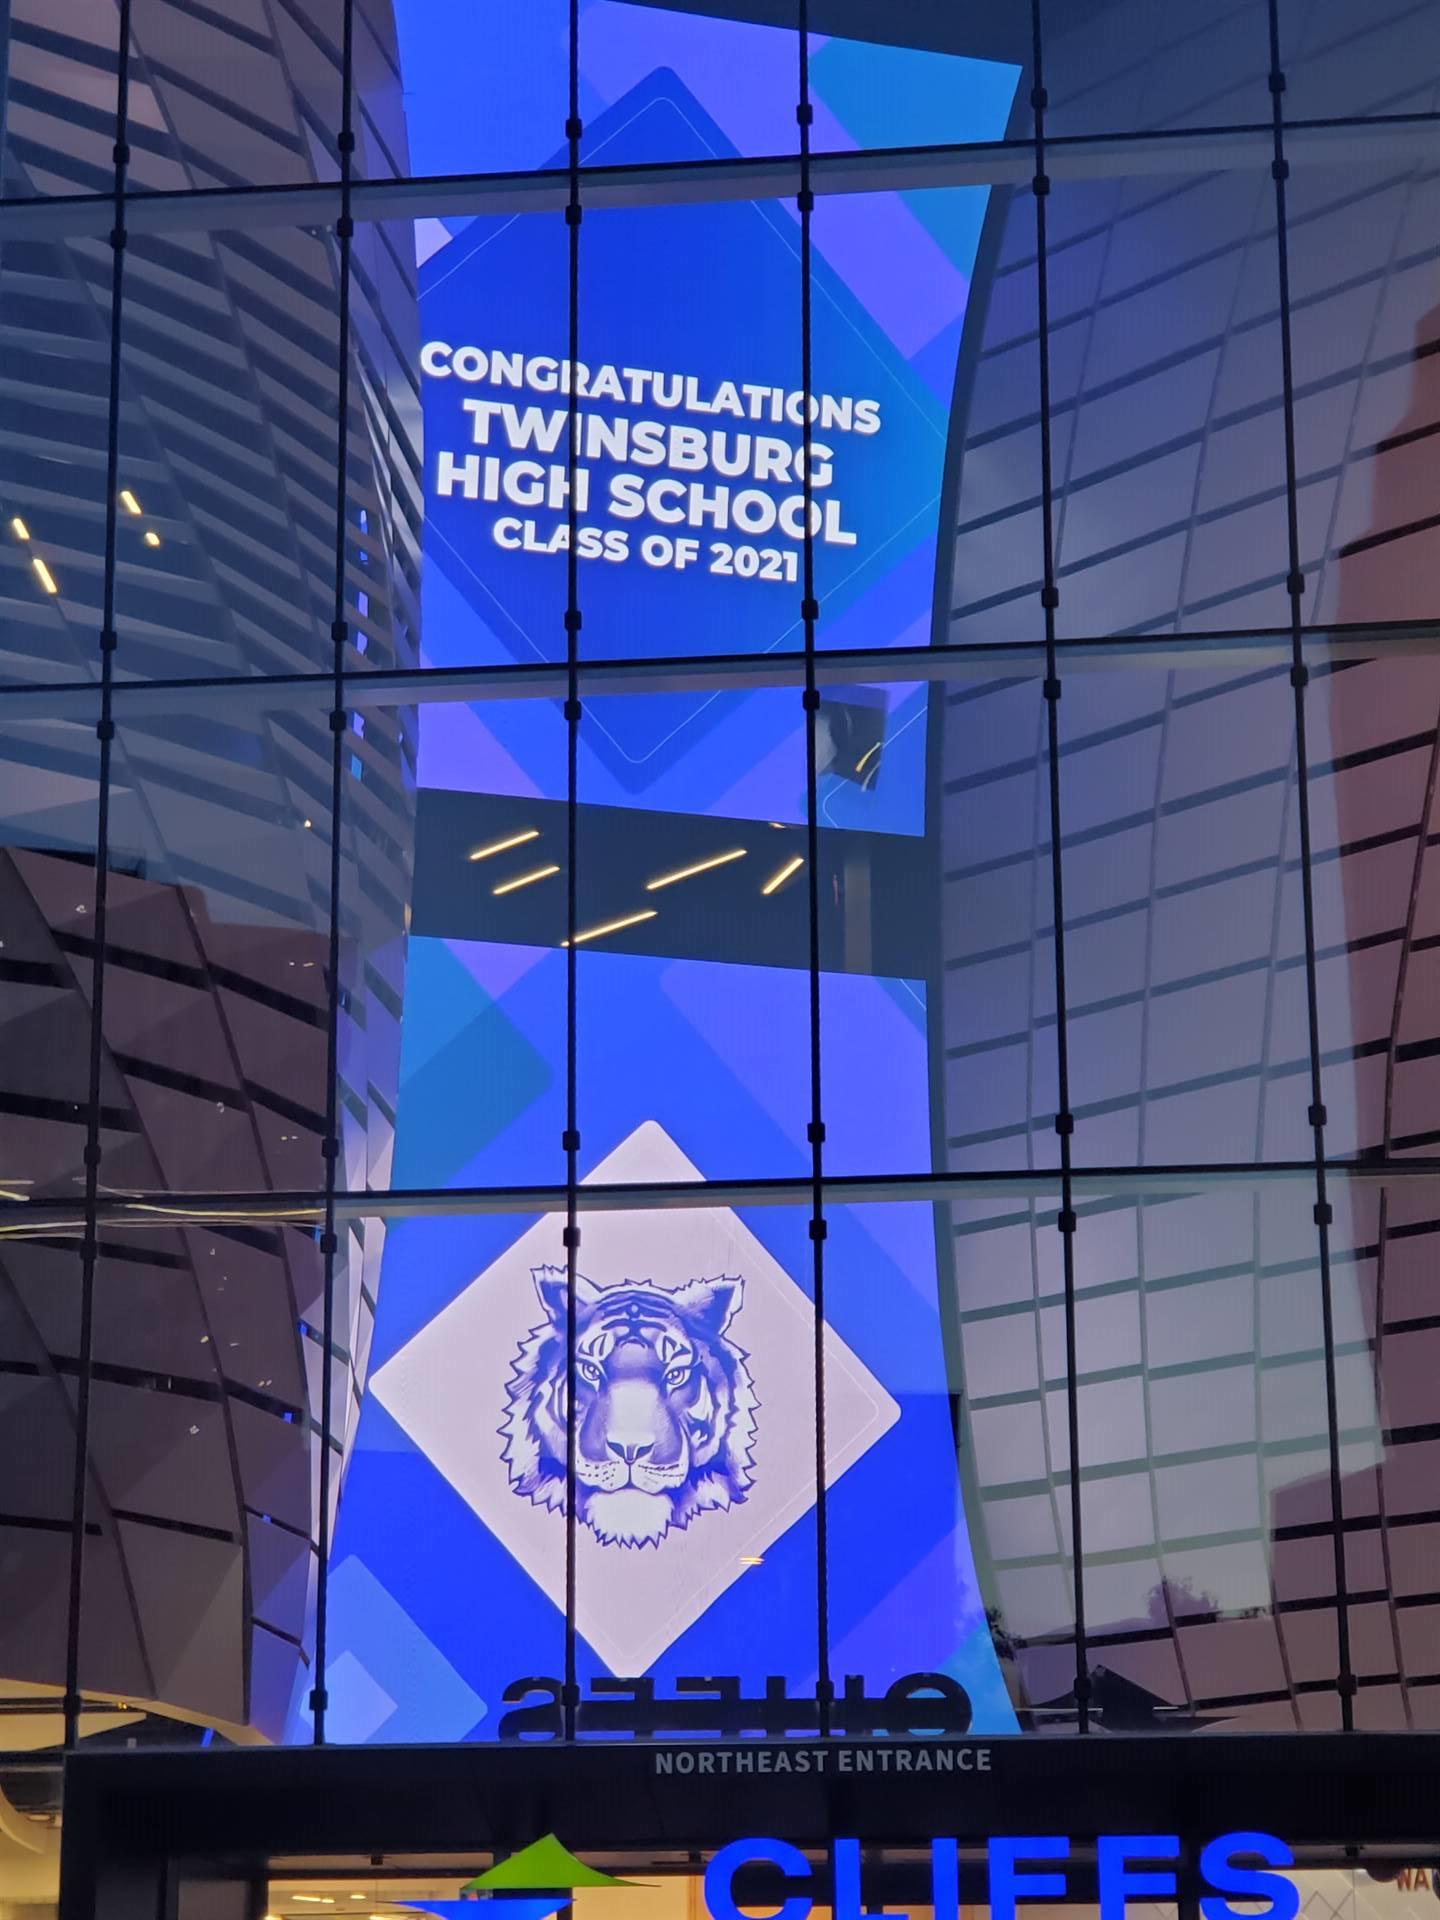 sign Congratulations Twinsburg High School Class of 2021